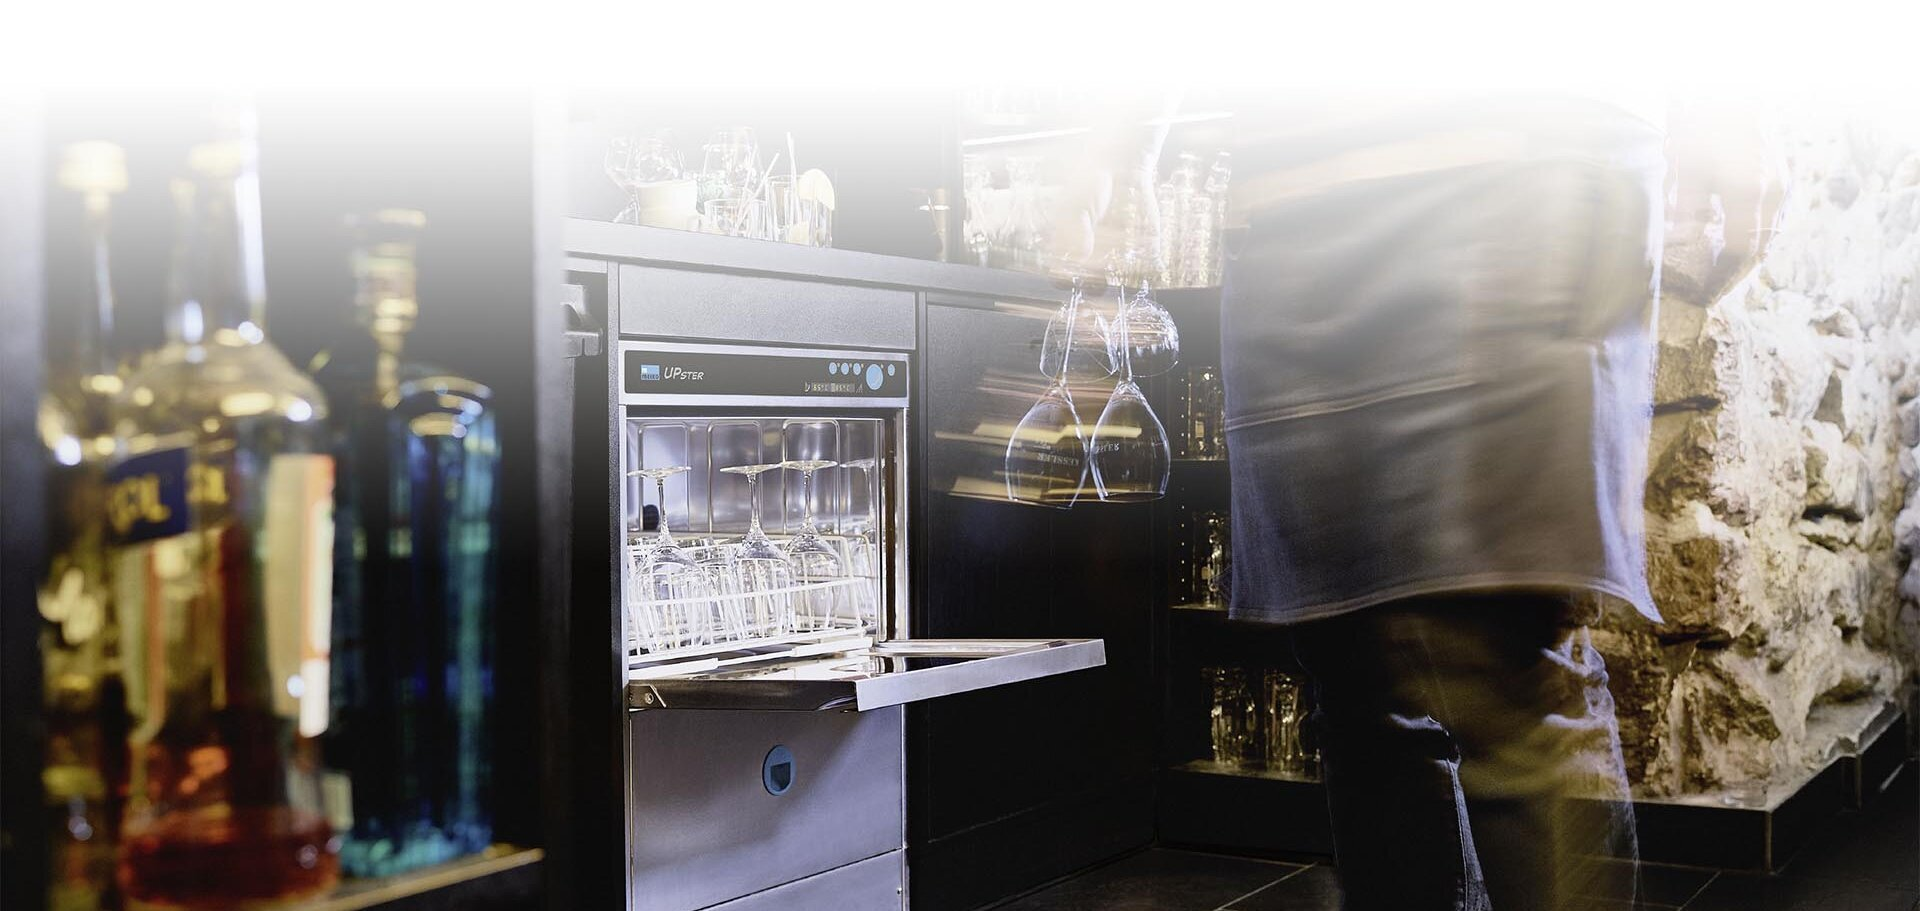 Entretien Du Lave Vaisselle entretien et maintenance : comment prolonger la durée de vie